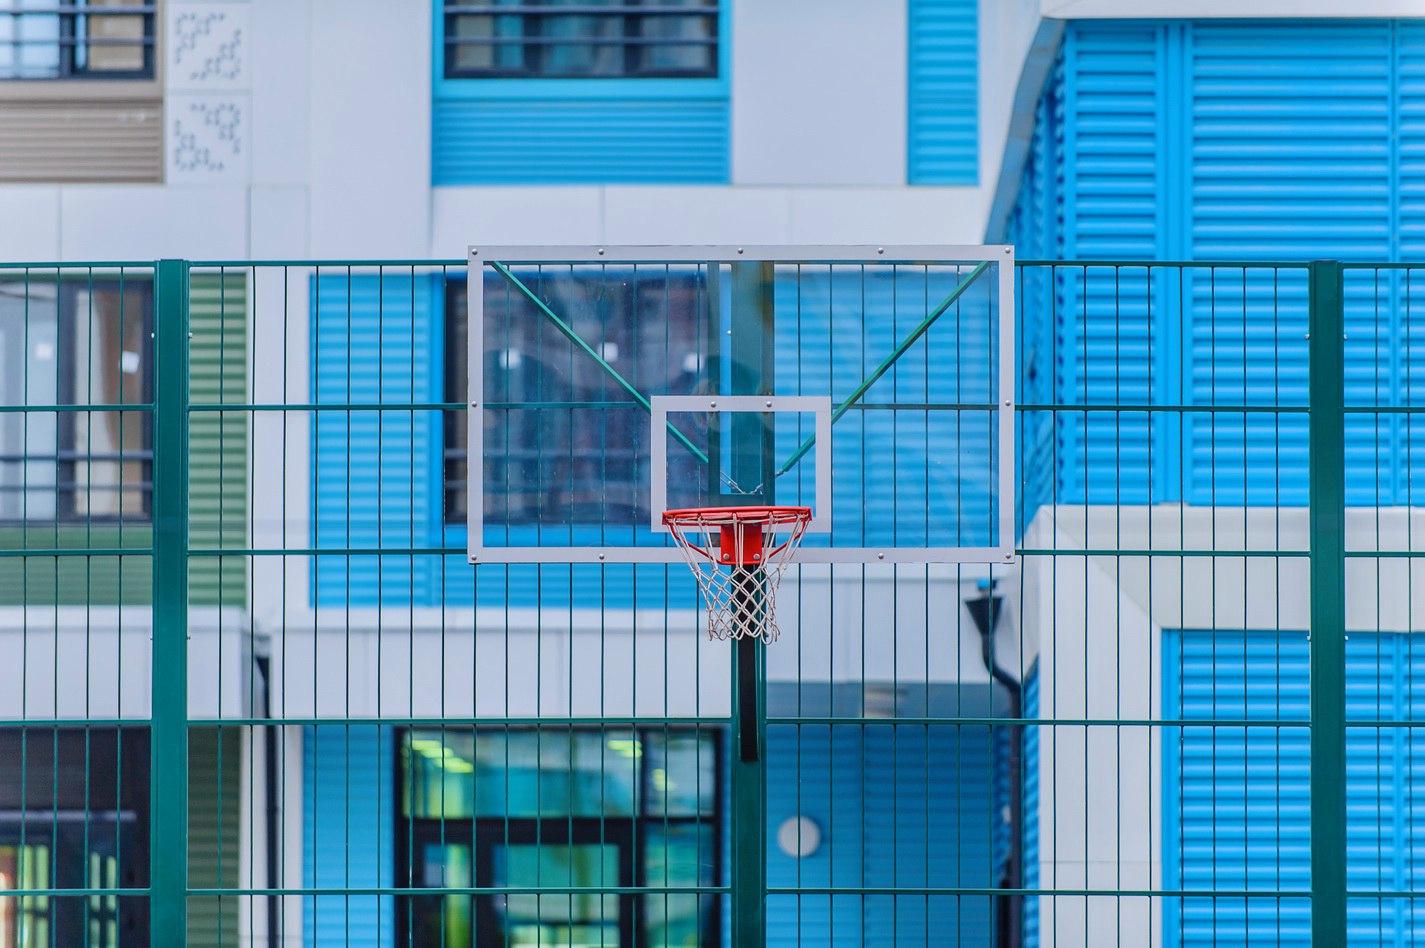 """Волейбольная-баскетбольно-футбольная площадка с беговыми дорожками вокруг и воркаут-тренажёрами - в ЖК """"Крылья"""" IPPtERdYOgg"""